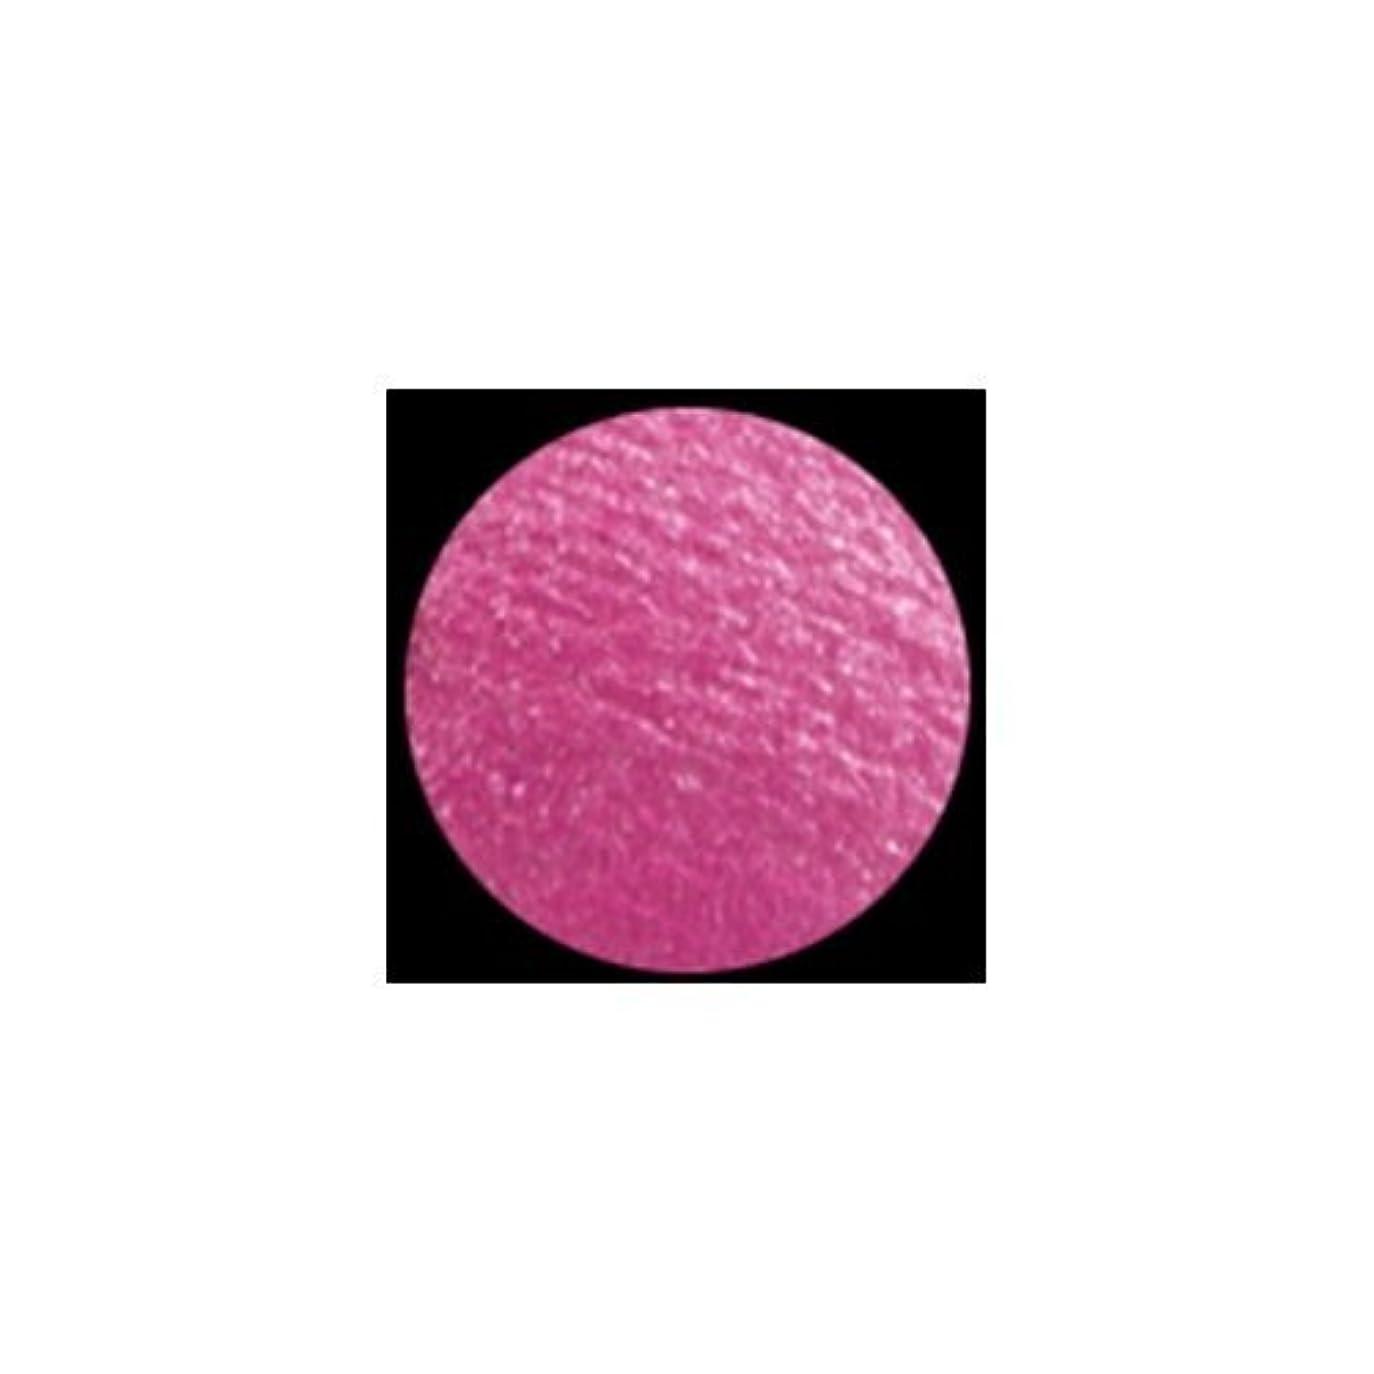 メールを書くレルムスキーKLEANCOLOR American Eyedol (Wet/Dry Baked Eyeshadow) - Matte Pink (並行輸入品)